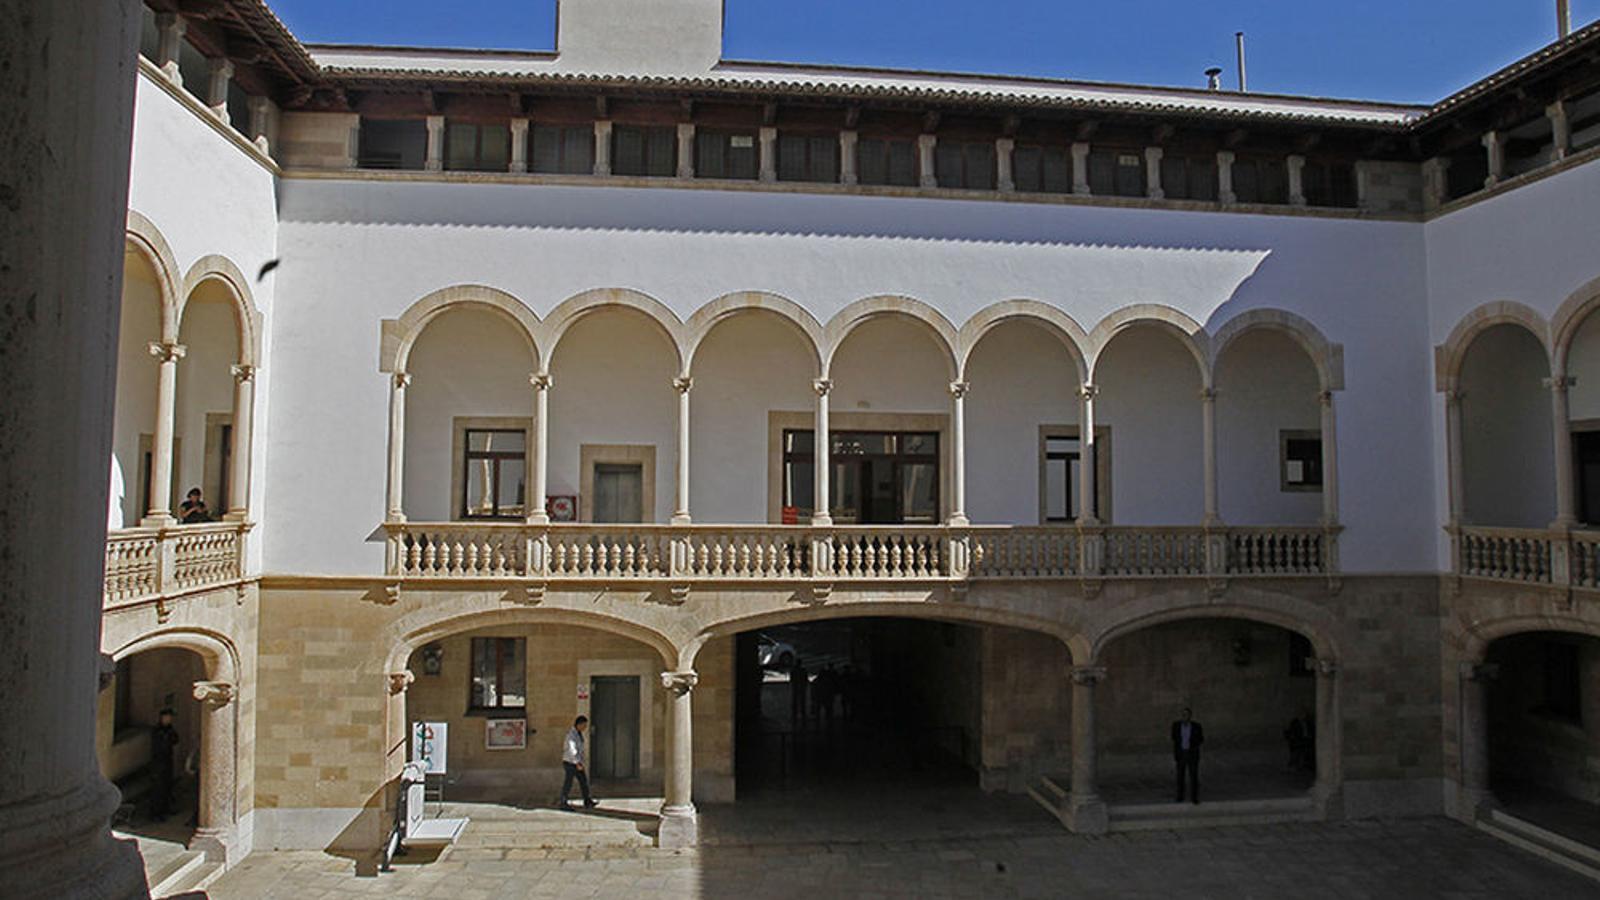 La seu del Tribunal Superior de Justícia de les Balears es troba a la Plaça Mercat de Palma.